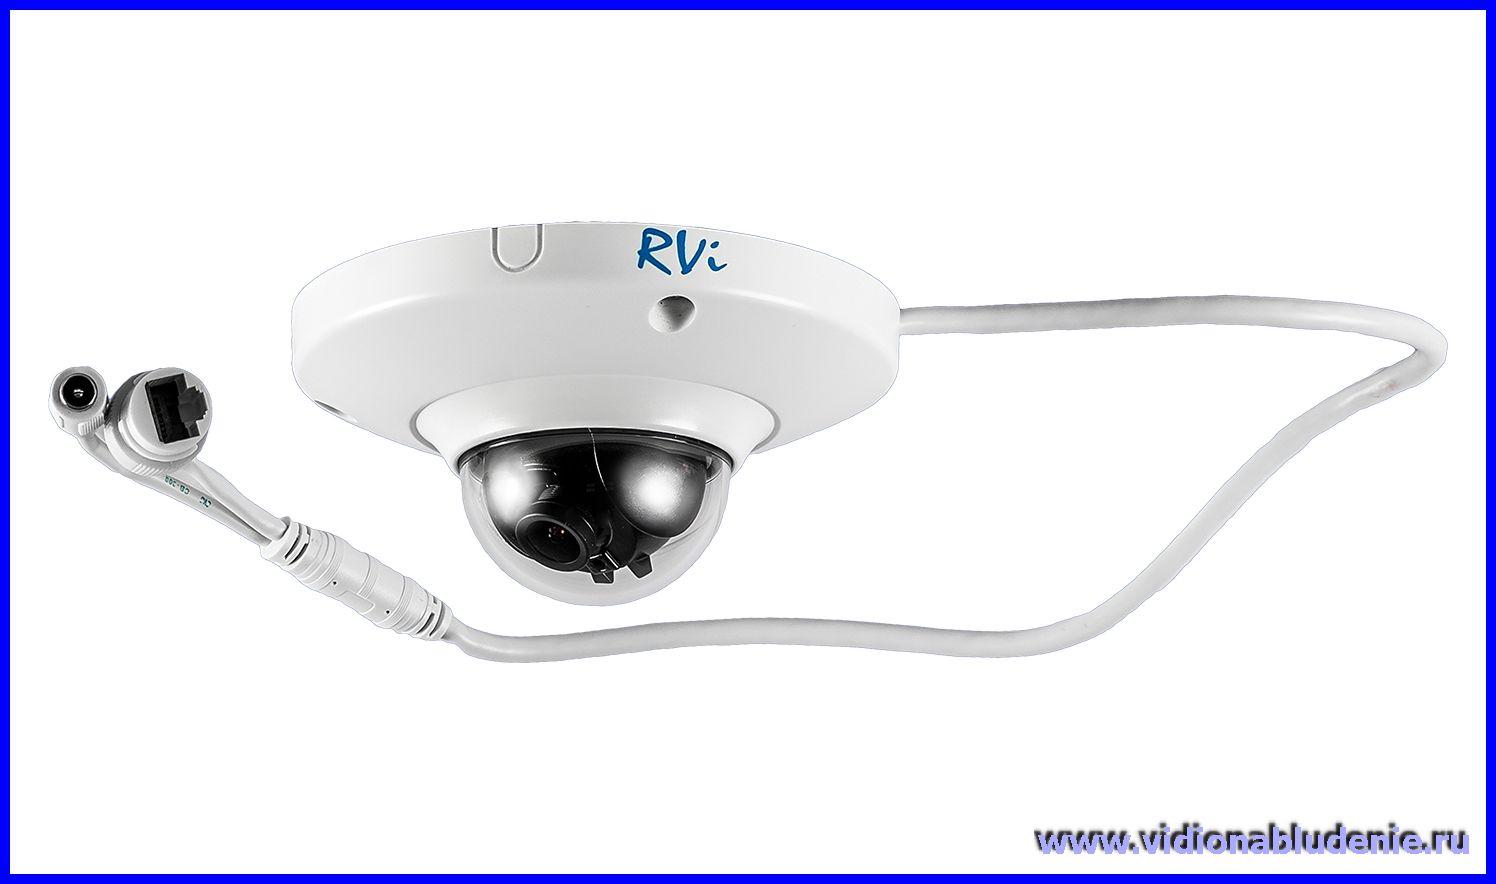 Монтаж, ввод в эксплуатацию, обслуживание систем видеонаблюдения в Духовницком.